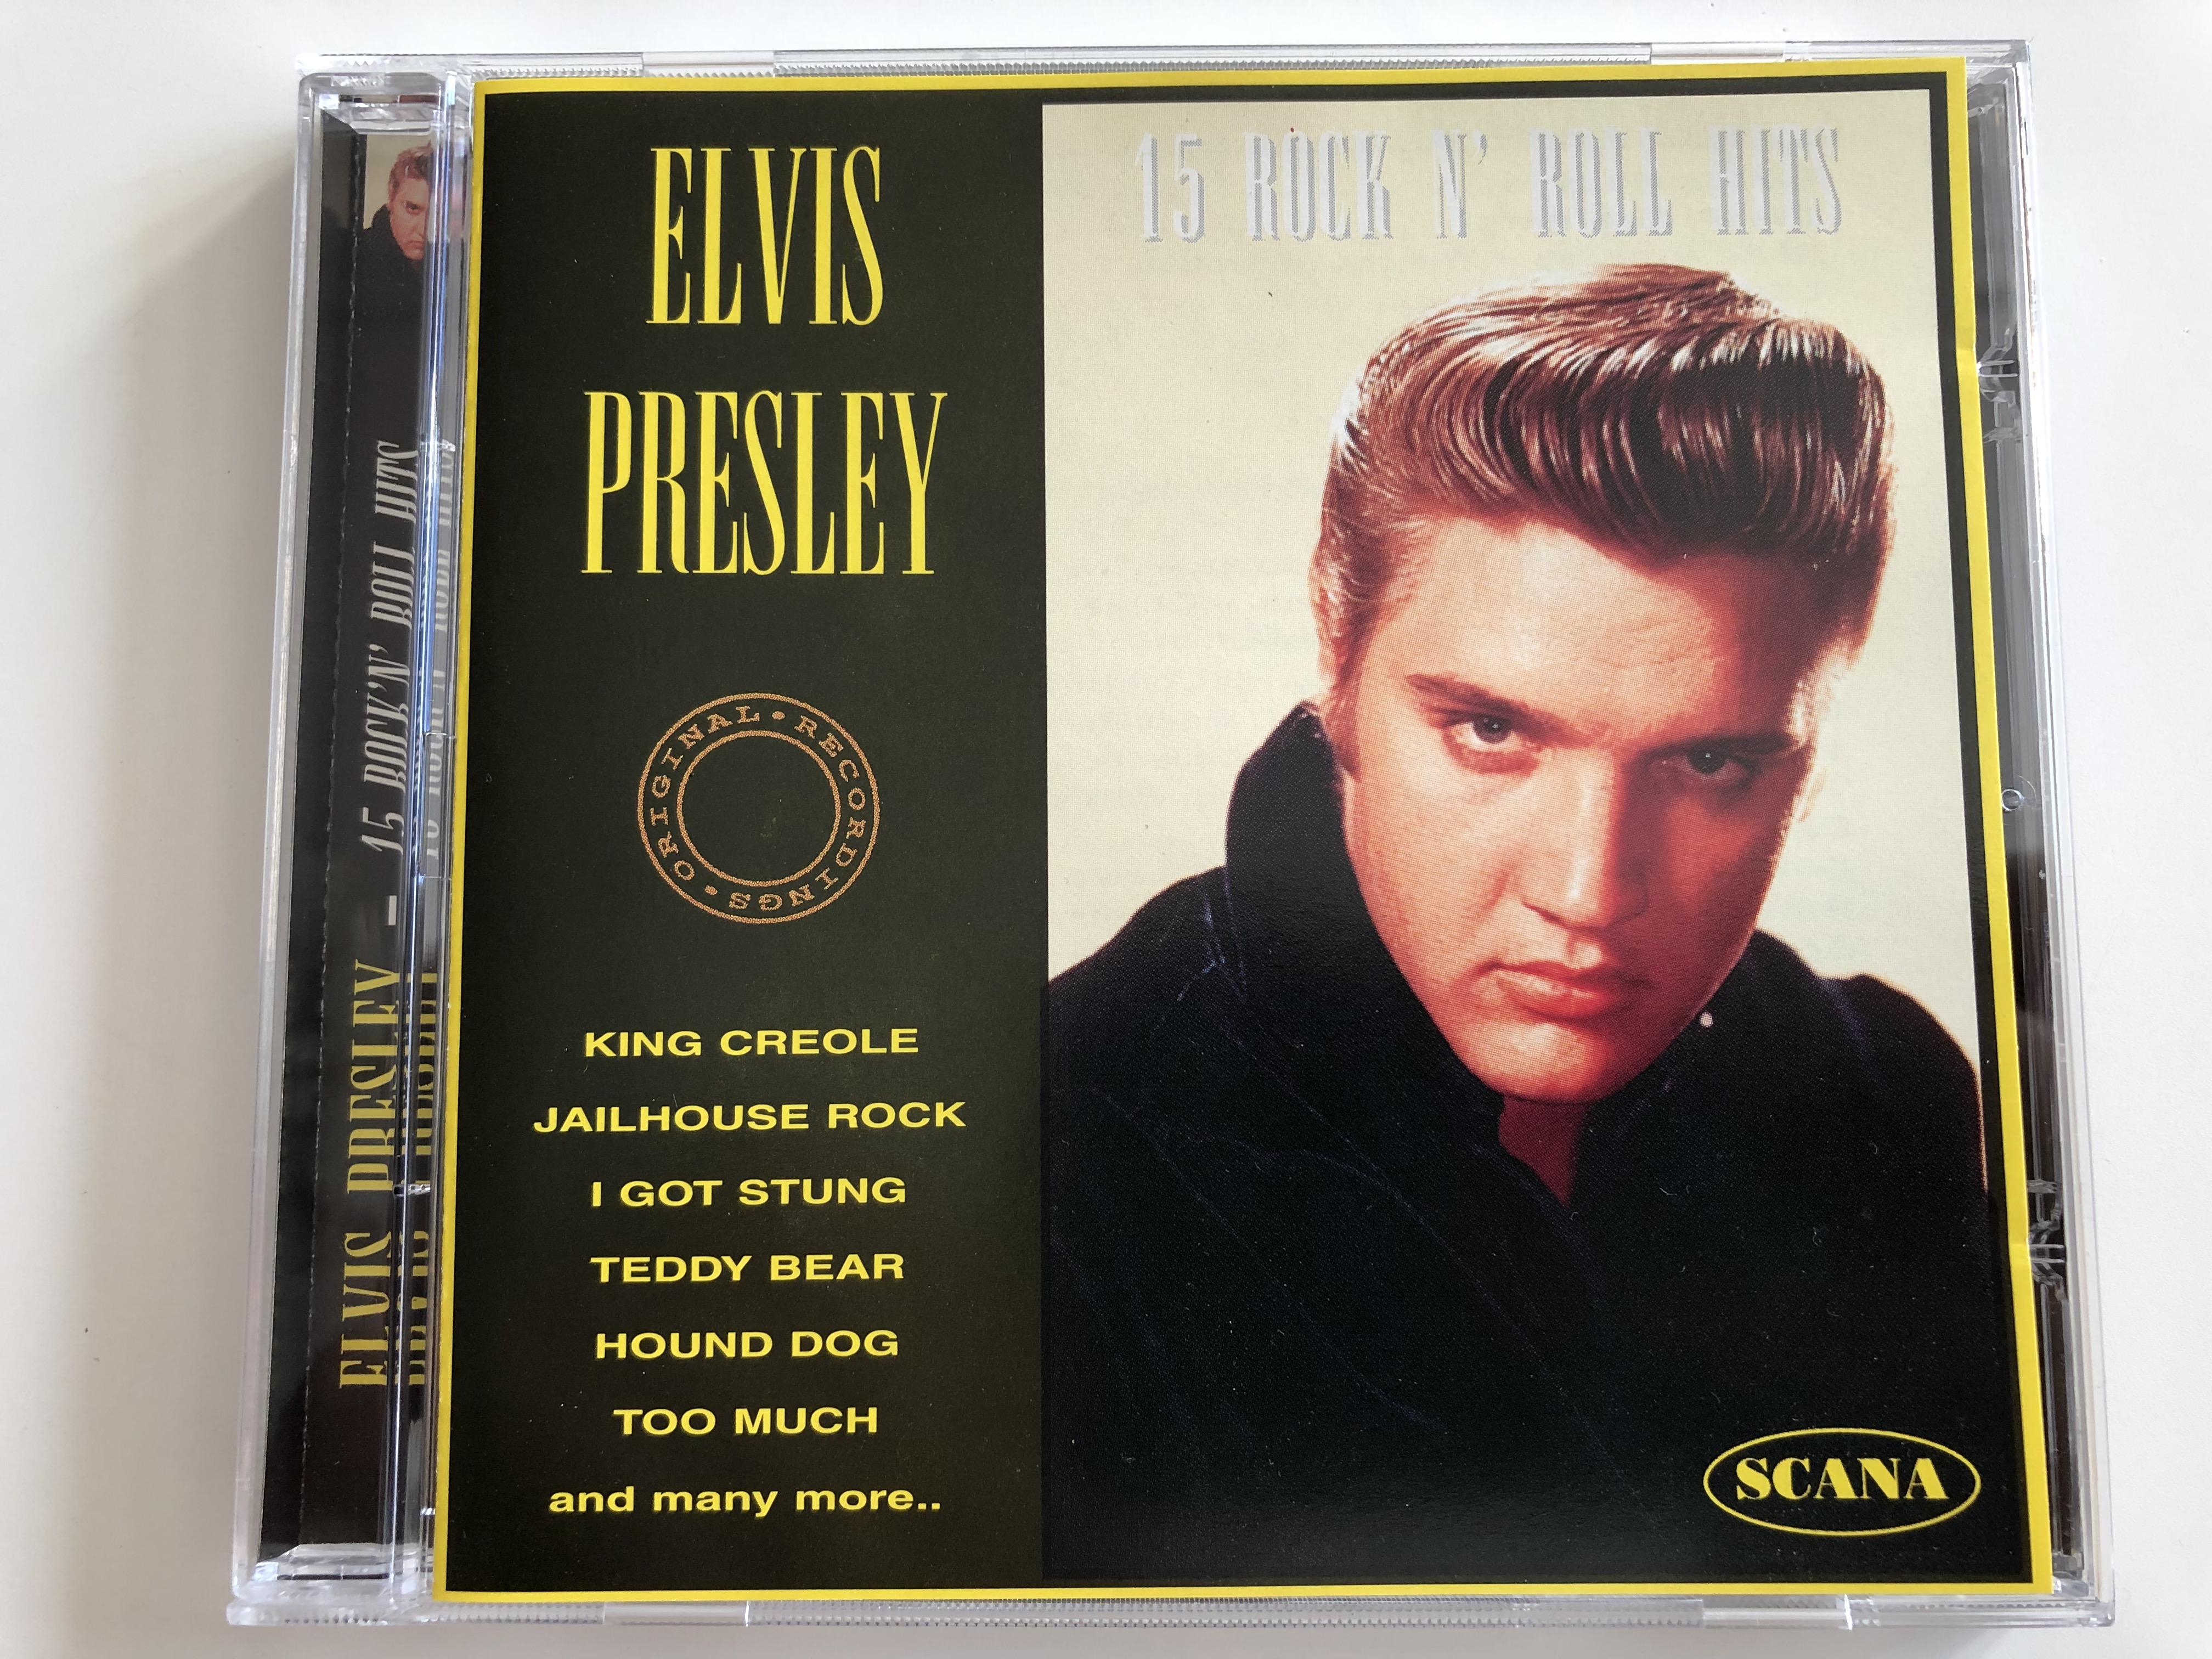 elvis-presley-15-rock-n-roll-hits-scana-audio-cd-1995-95038-1-.jpg